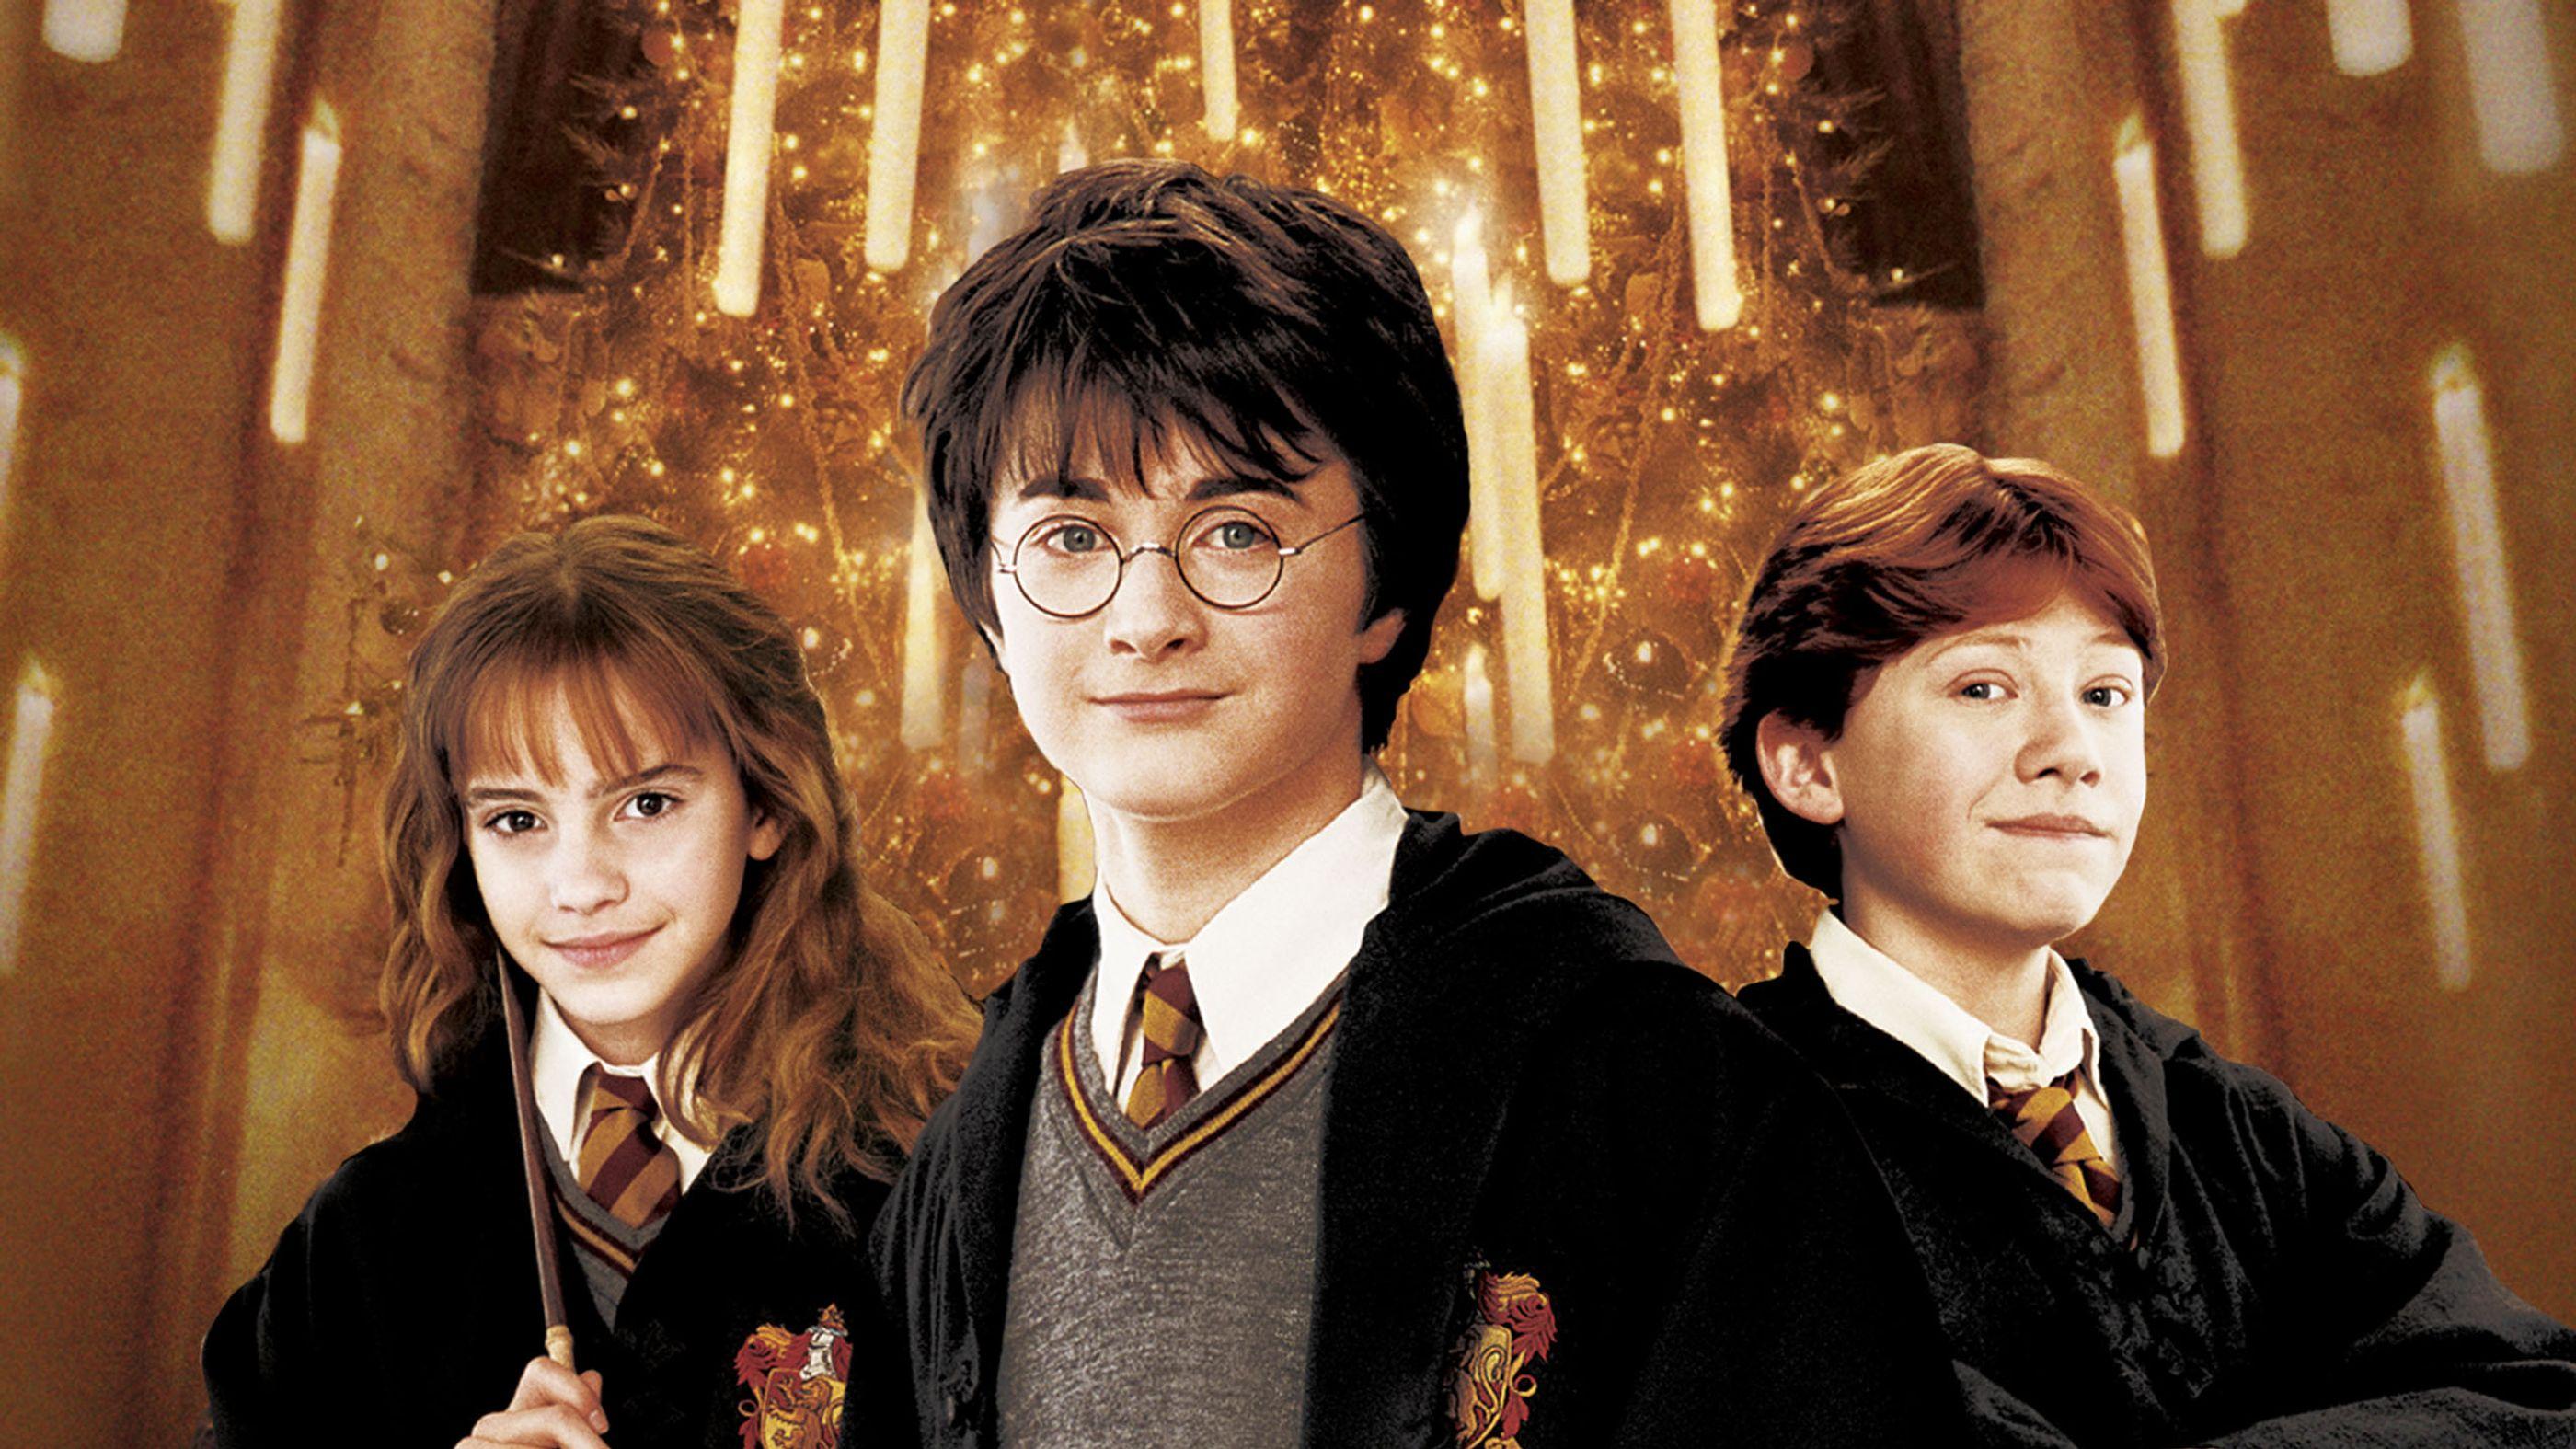 Harry Potter 4 Full Movie